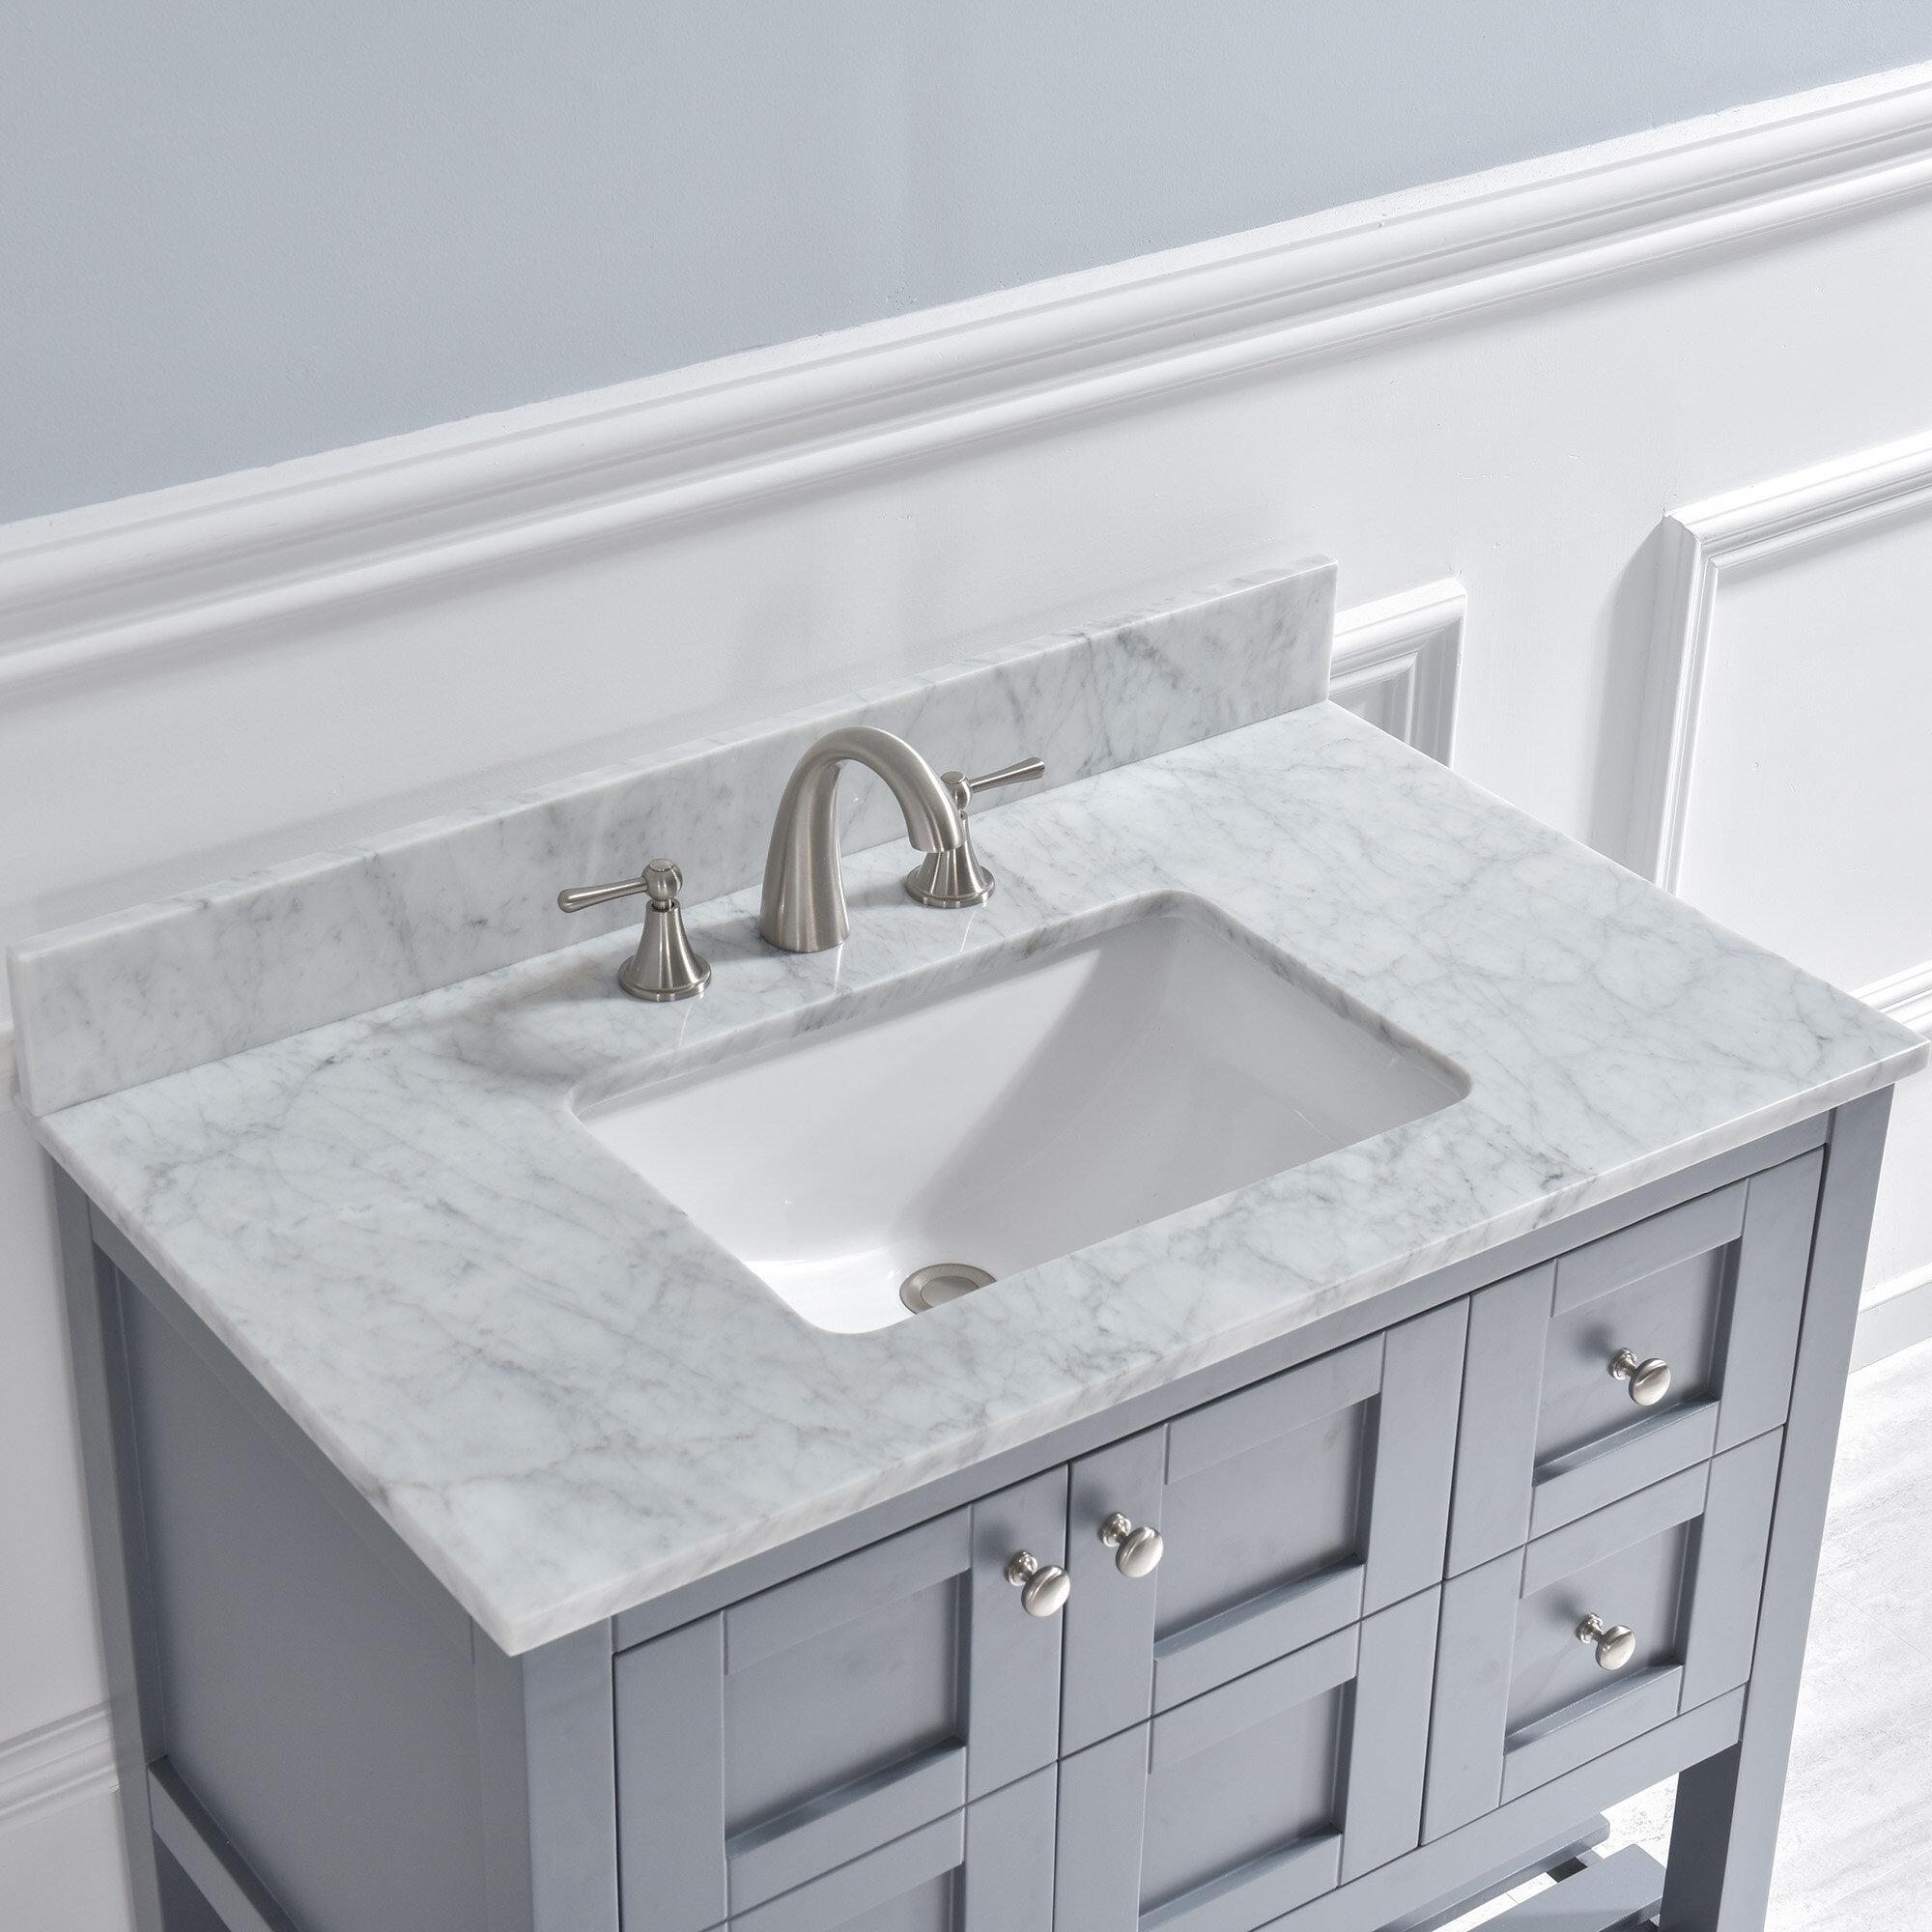 Woodbridge 43 Single Bathroom Vanity Carrara Marble With Sink Reviews Wayfair